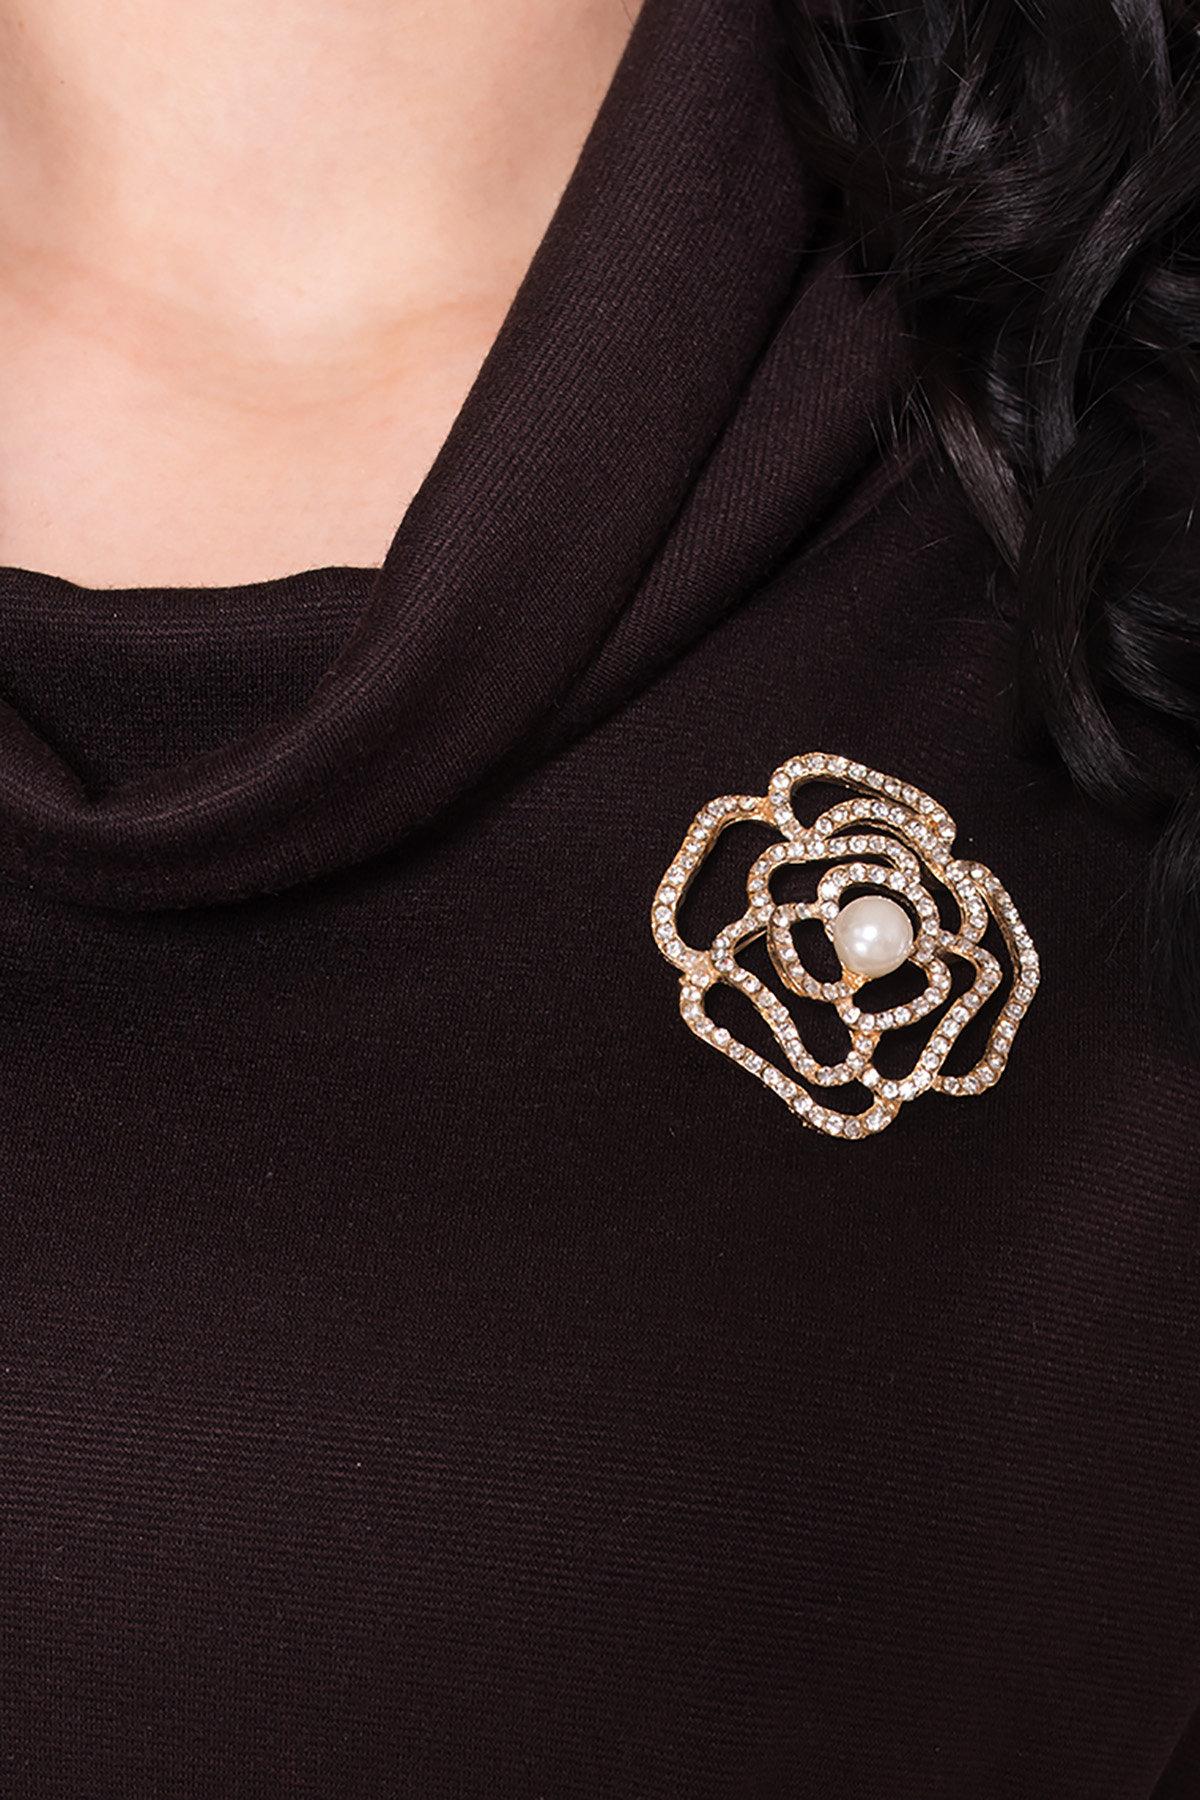 Трикотажное платье Вассаби 8478 АРТ. 44906 Цвет: Шоколад - фото 9, интернет магазин tm-modus.ru